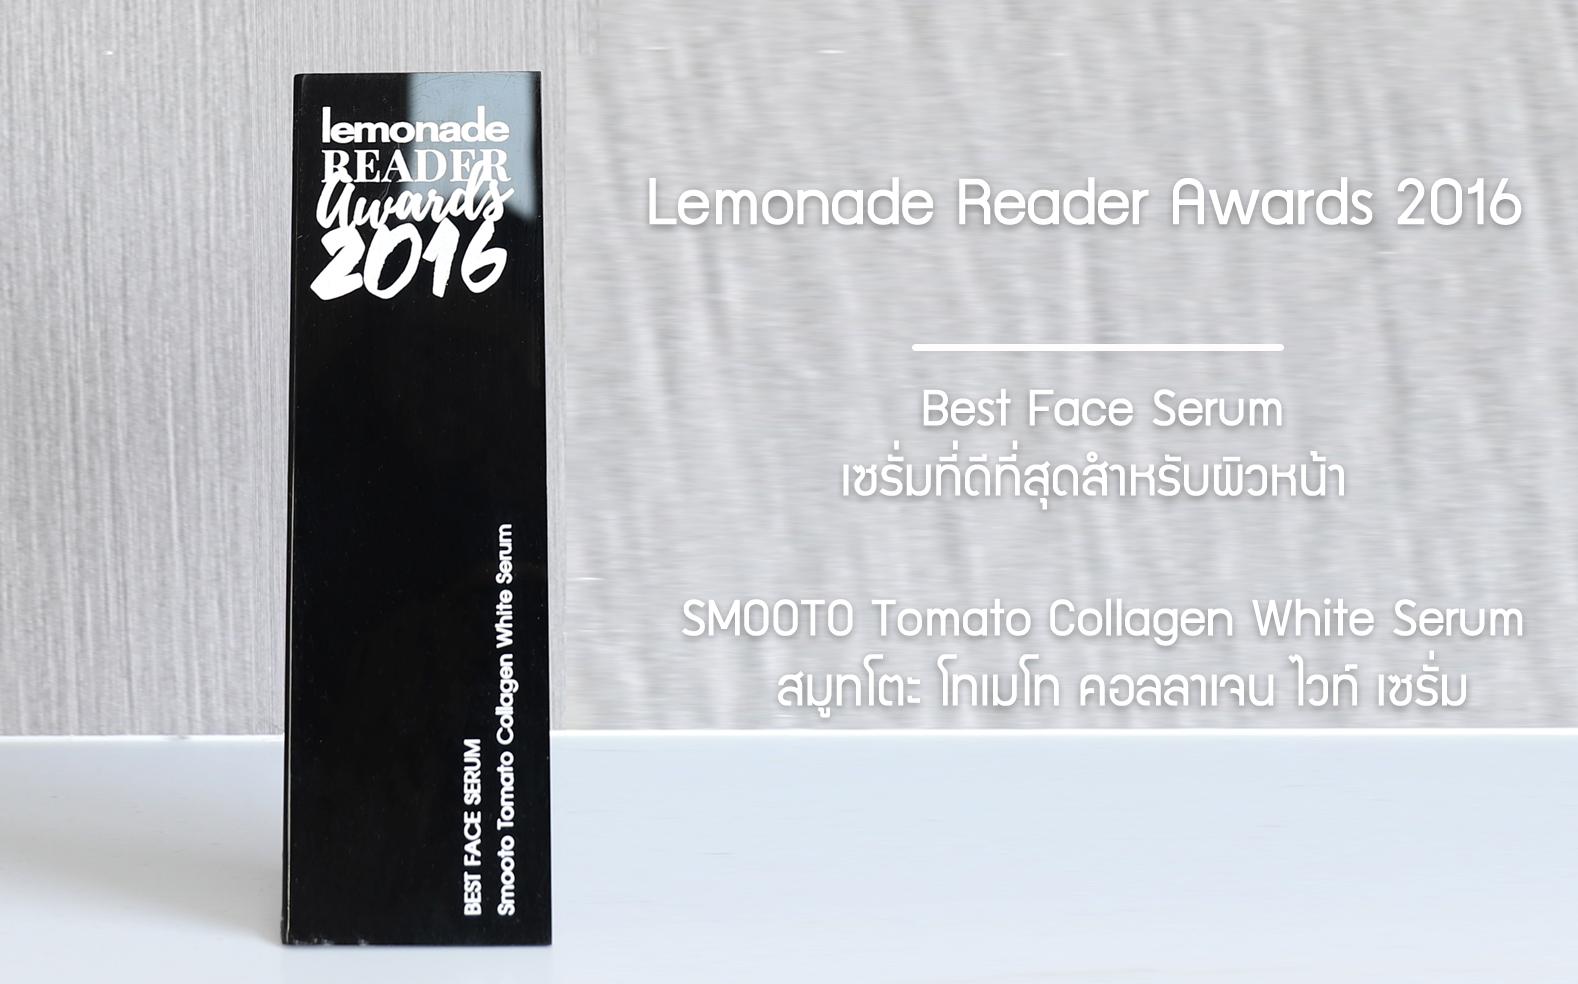 Lemonade Reader Awards 2016